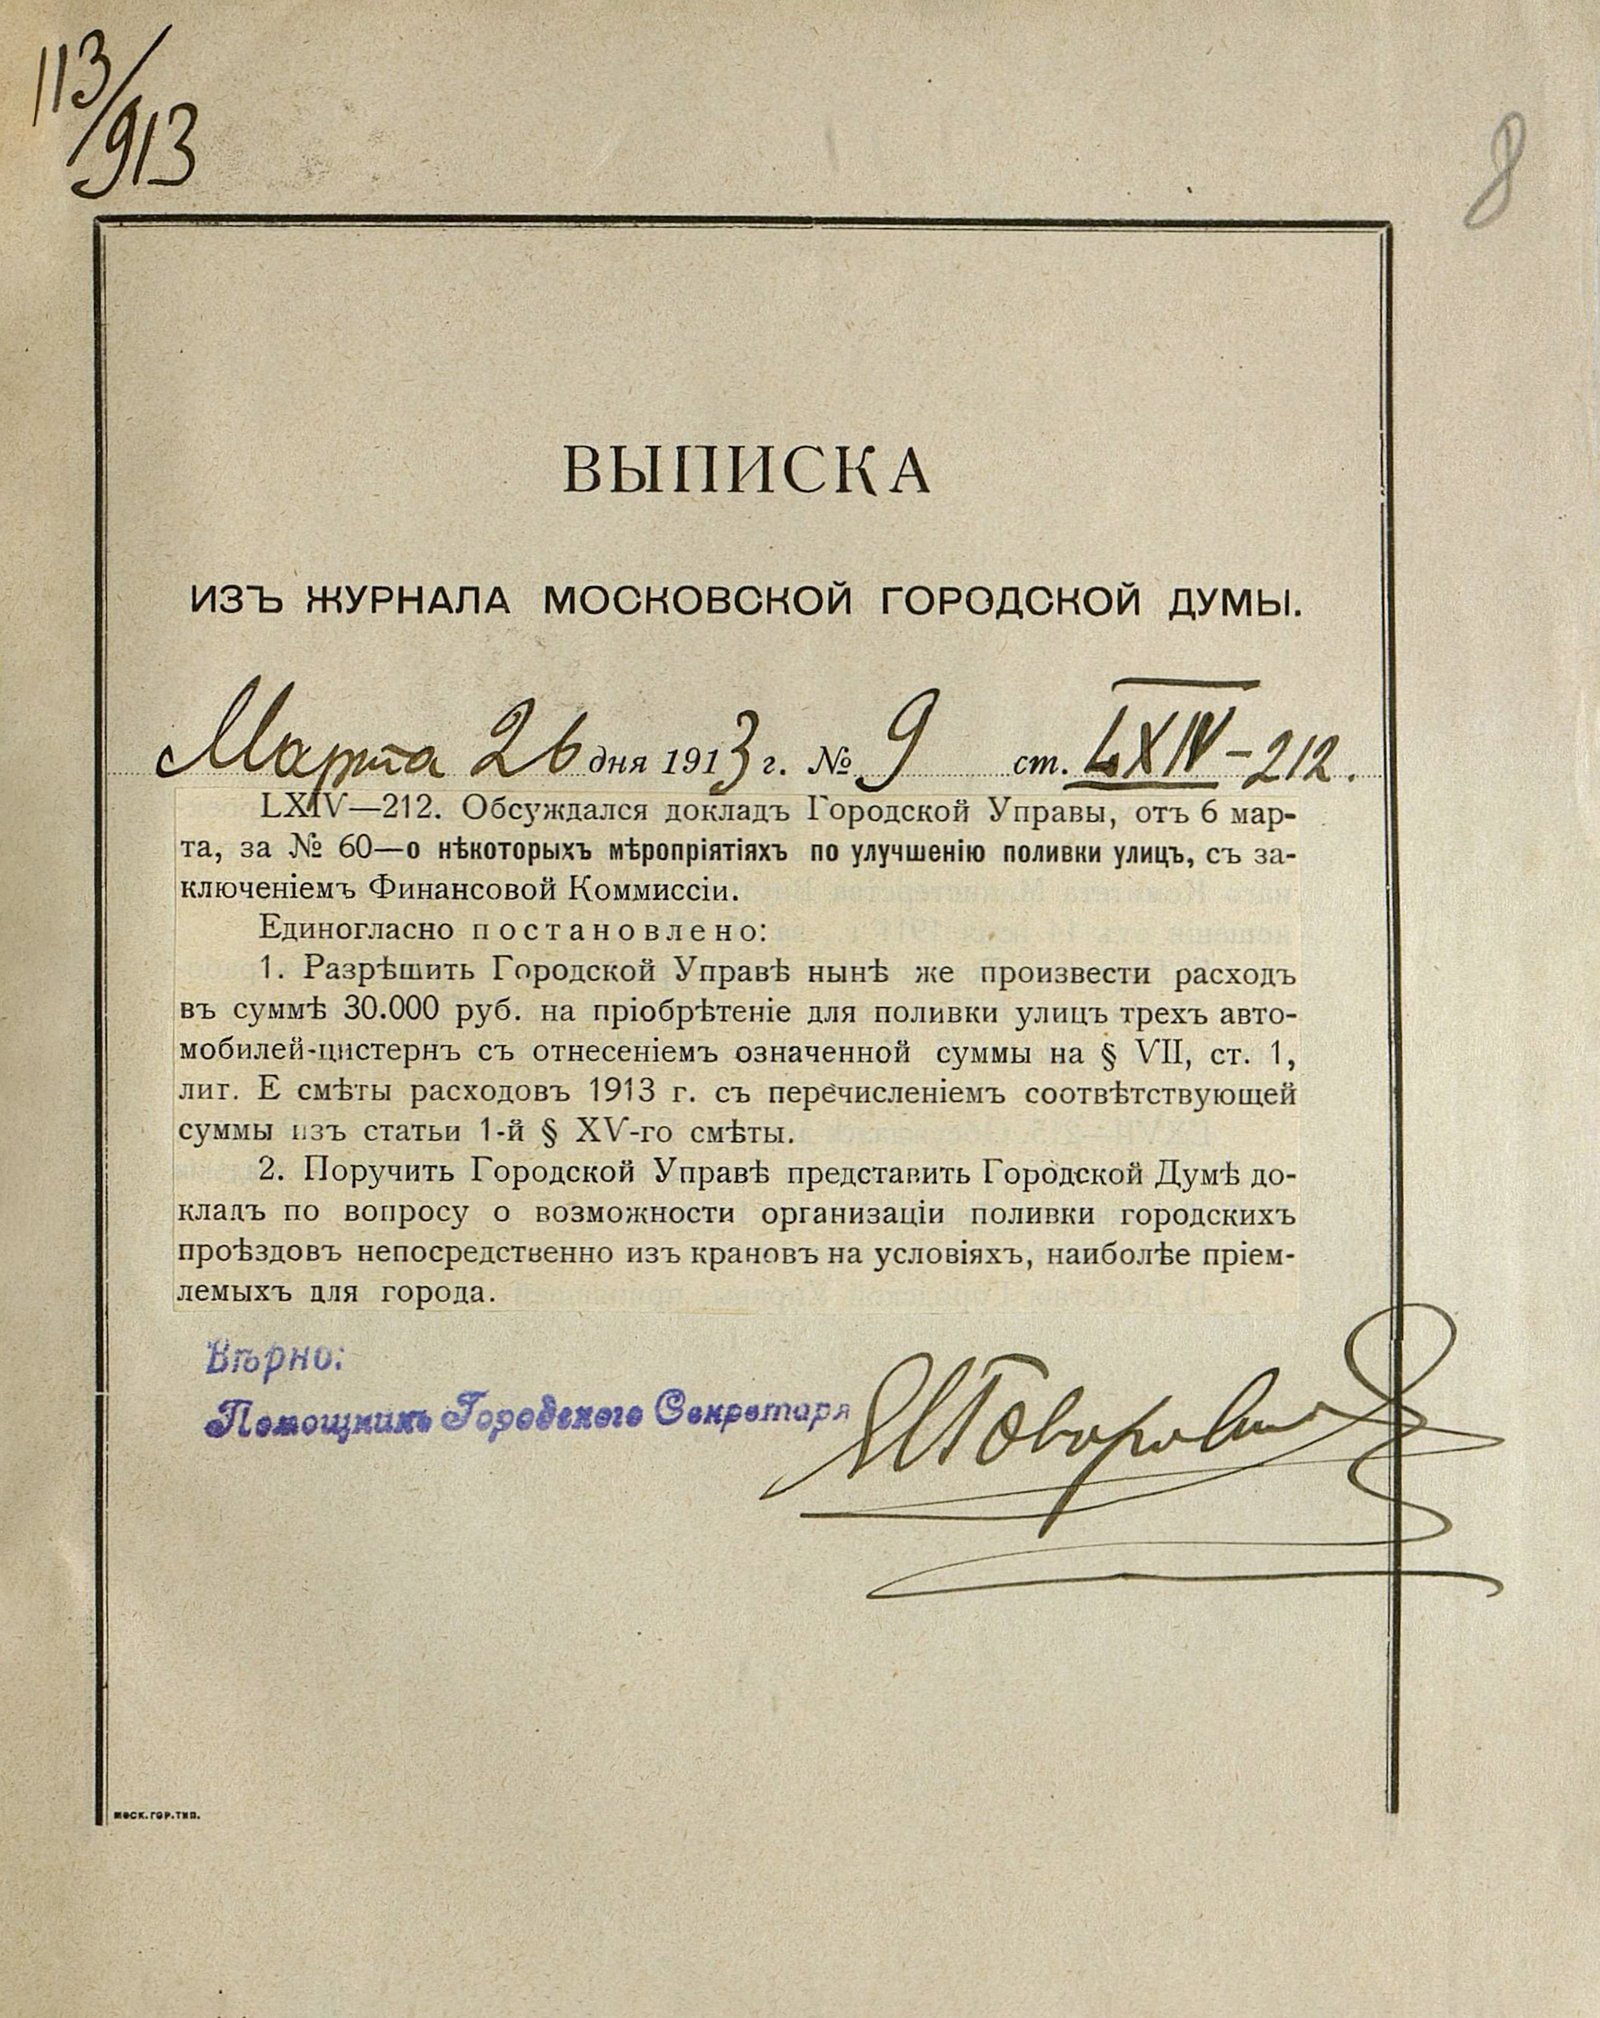 Выписка из журнала Московской городской думы о приобретении трех автомобилей-цистерн для поливки улиц. 26 марта 1913 года